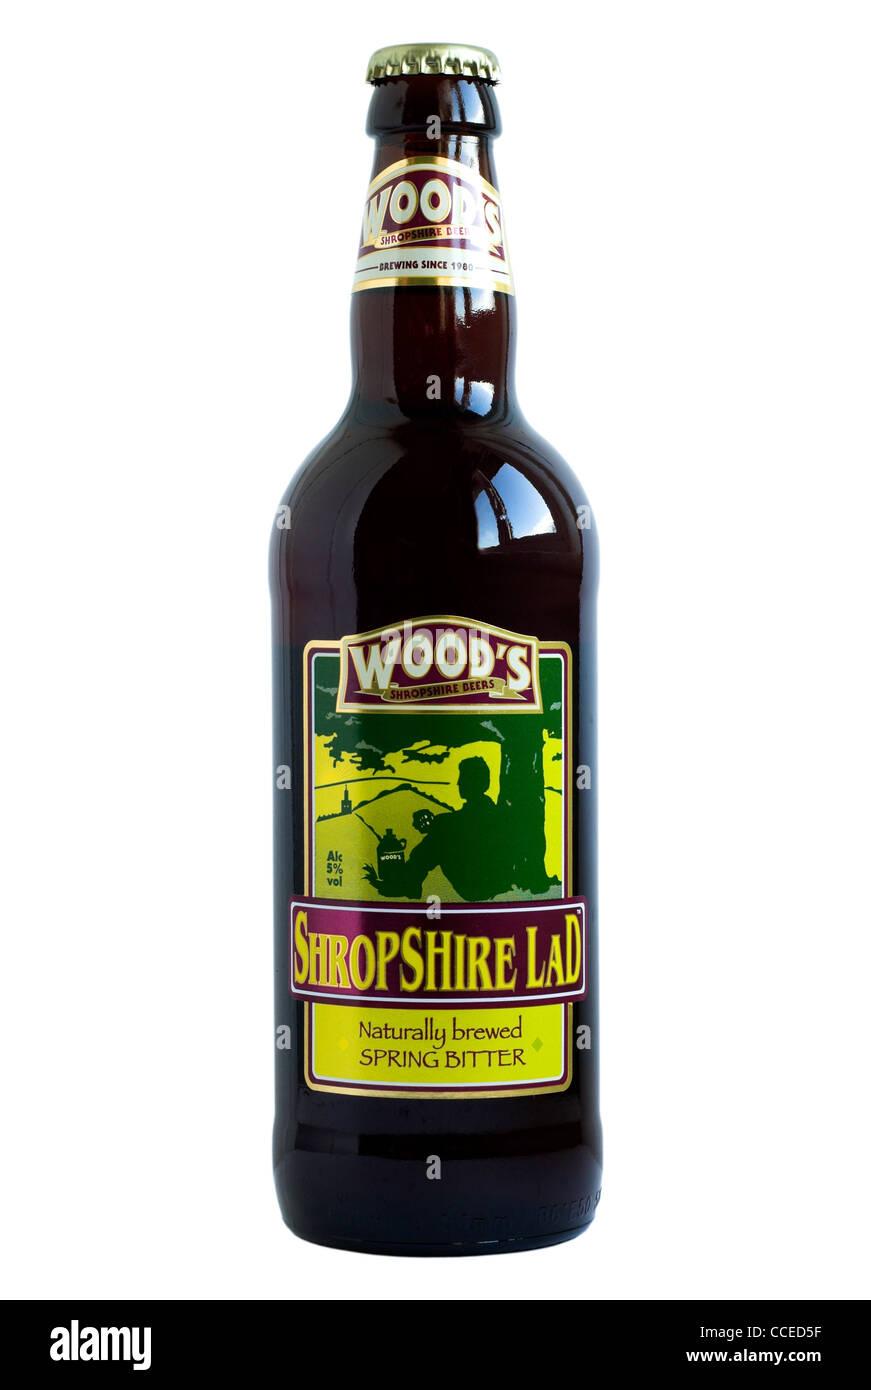 Wood's Shropshire Lad Spring Bitter bottled beer - current @ 2011. - Stock Image